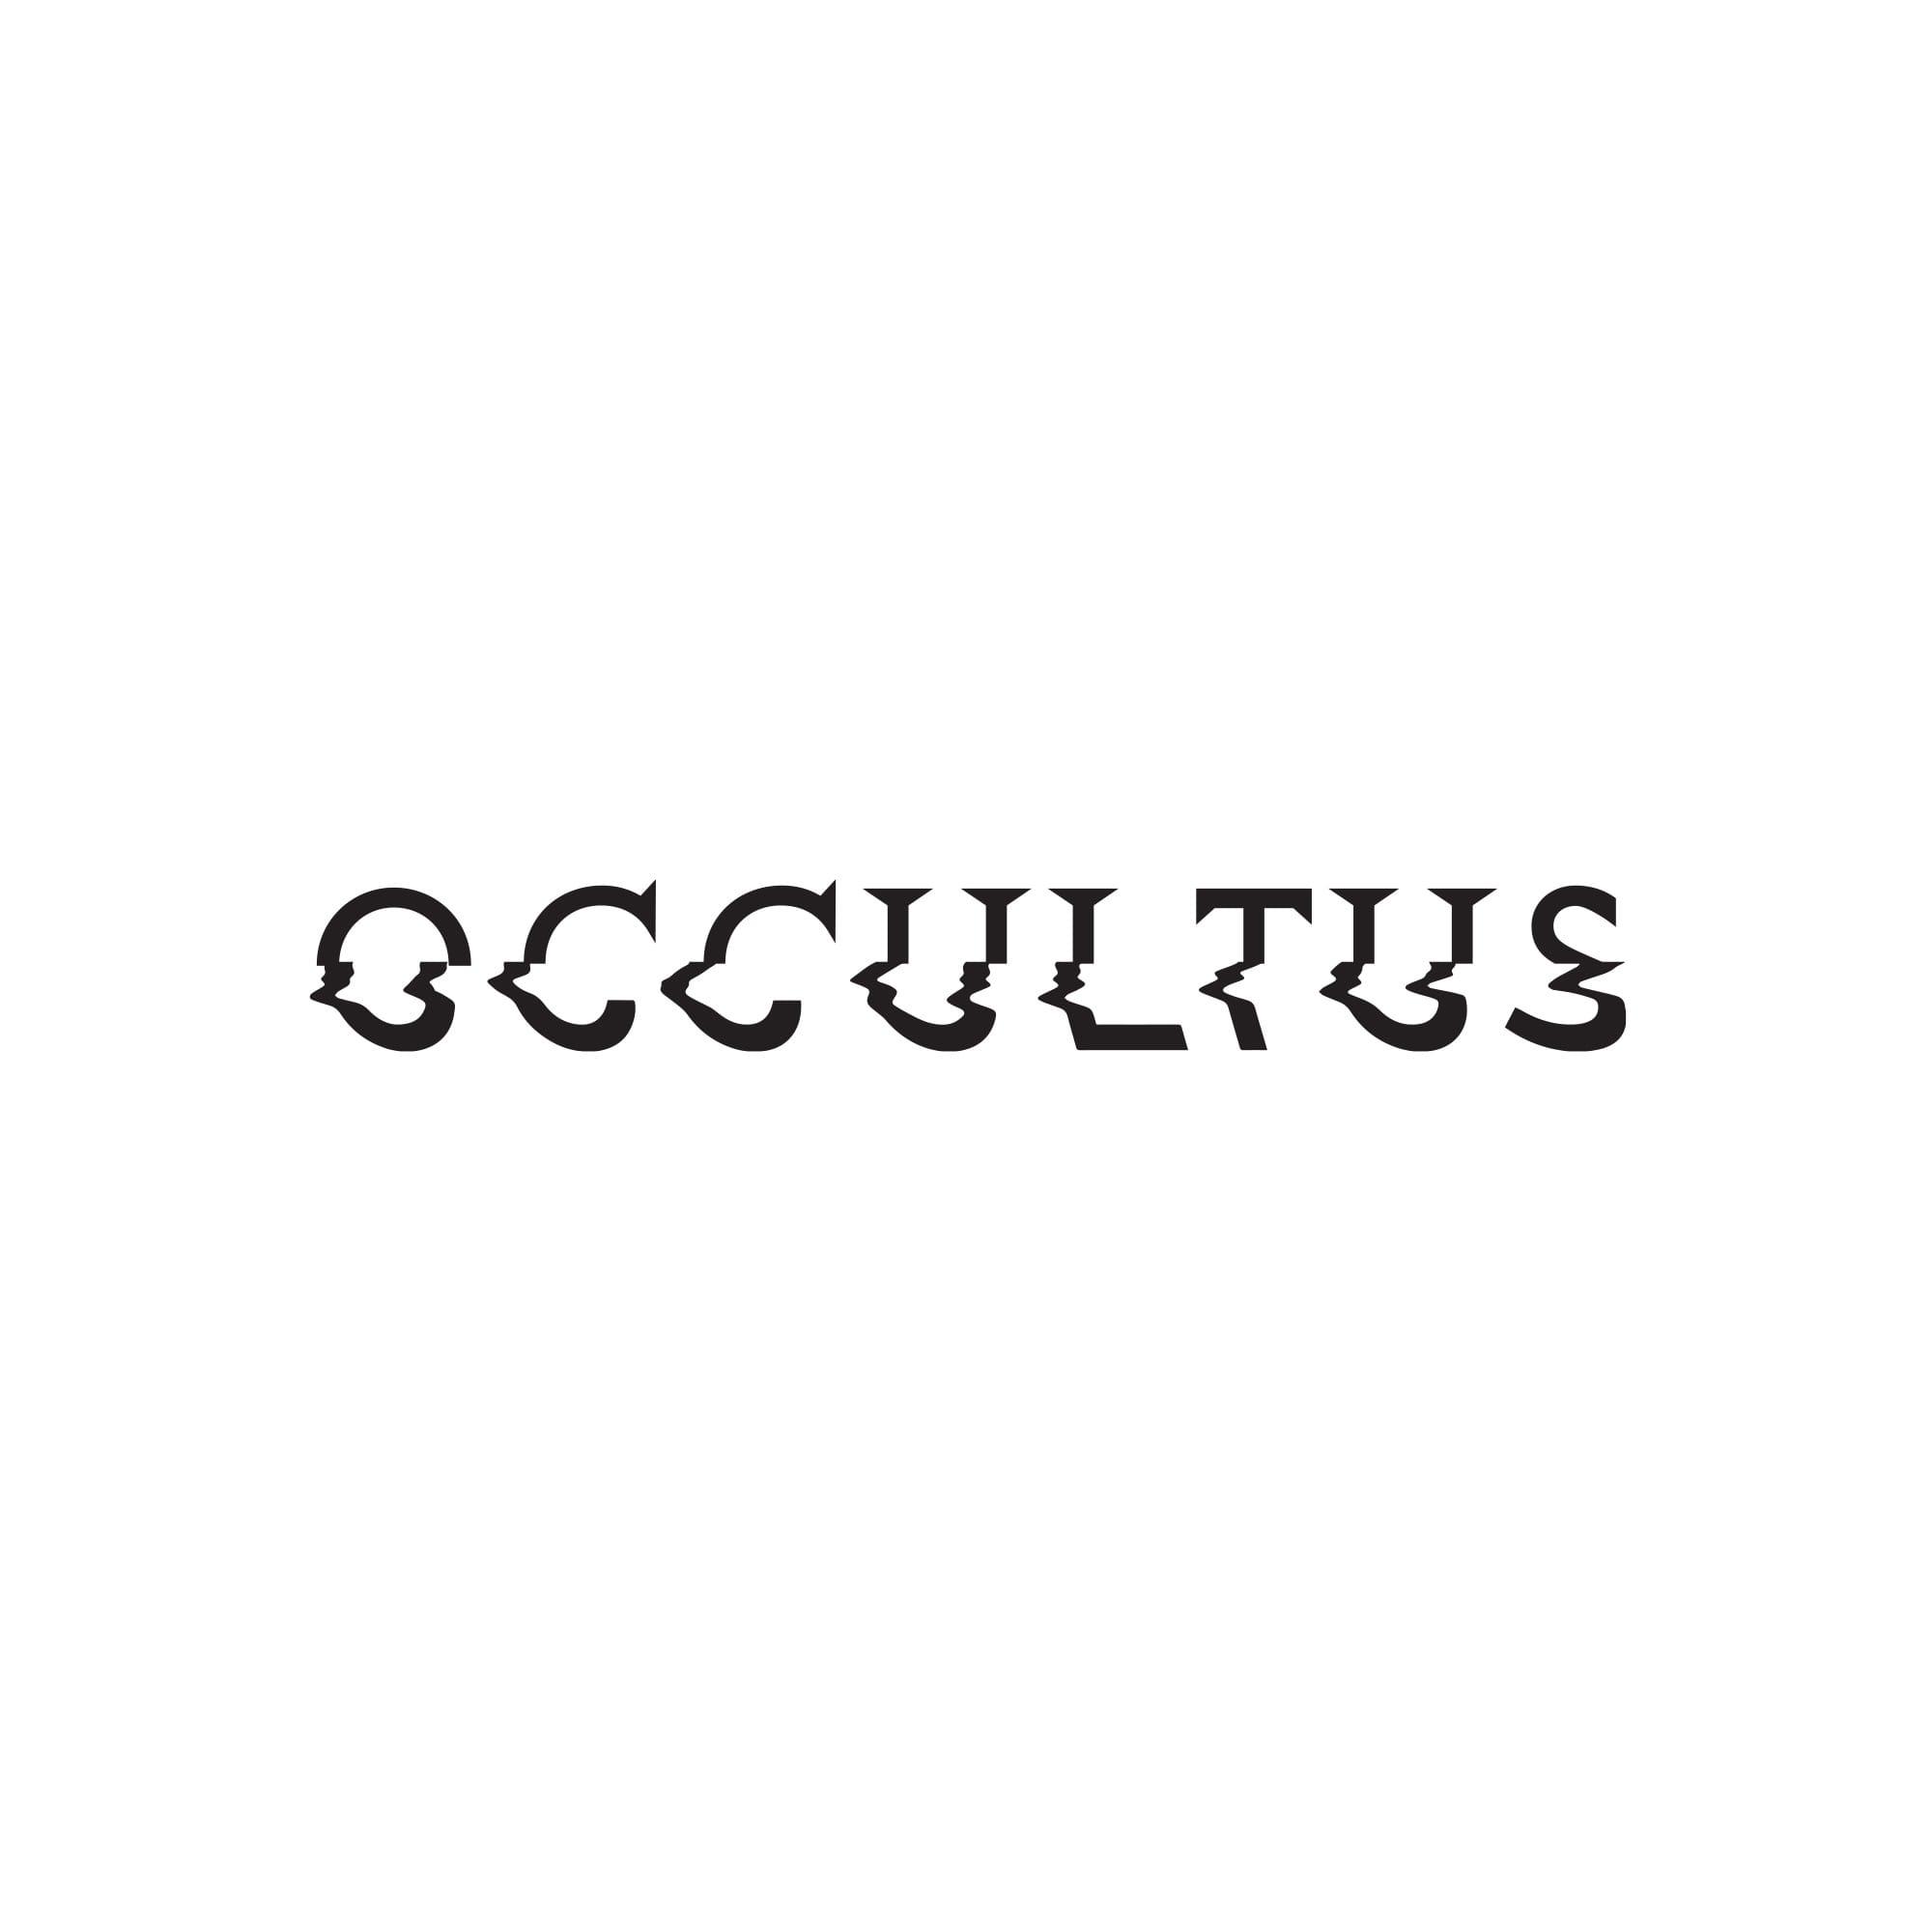 logos_0013_occultus